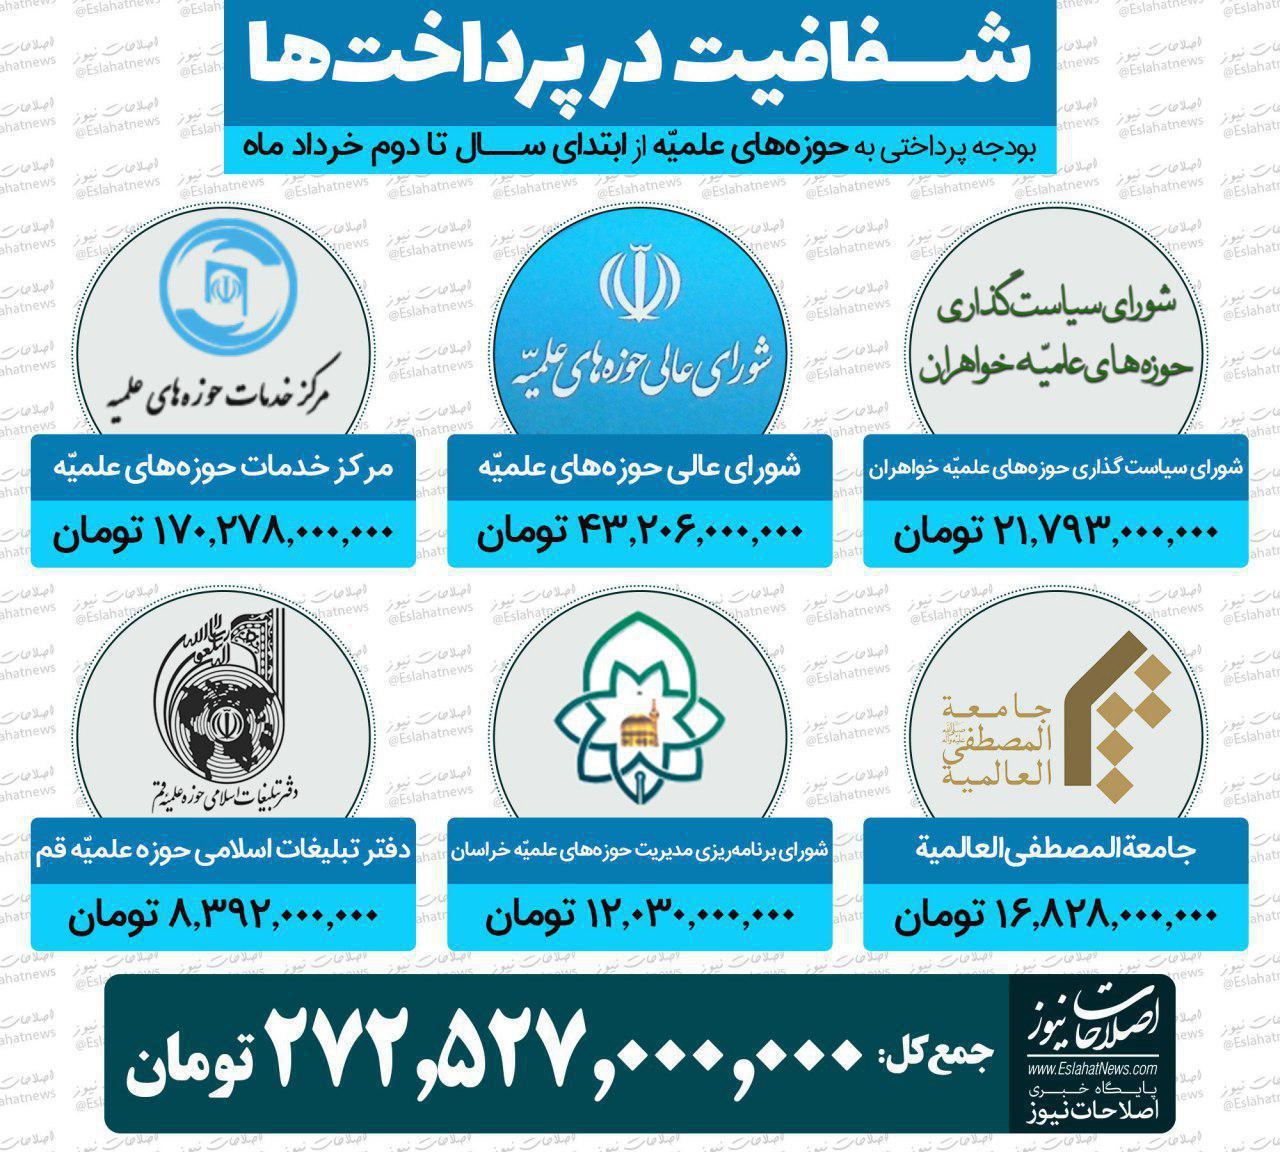 شفافیت درپرداختها:بودجه پرداختی به حوزه های علمیه از ابتدای سال تا دوم خرداد ماه